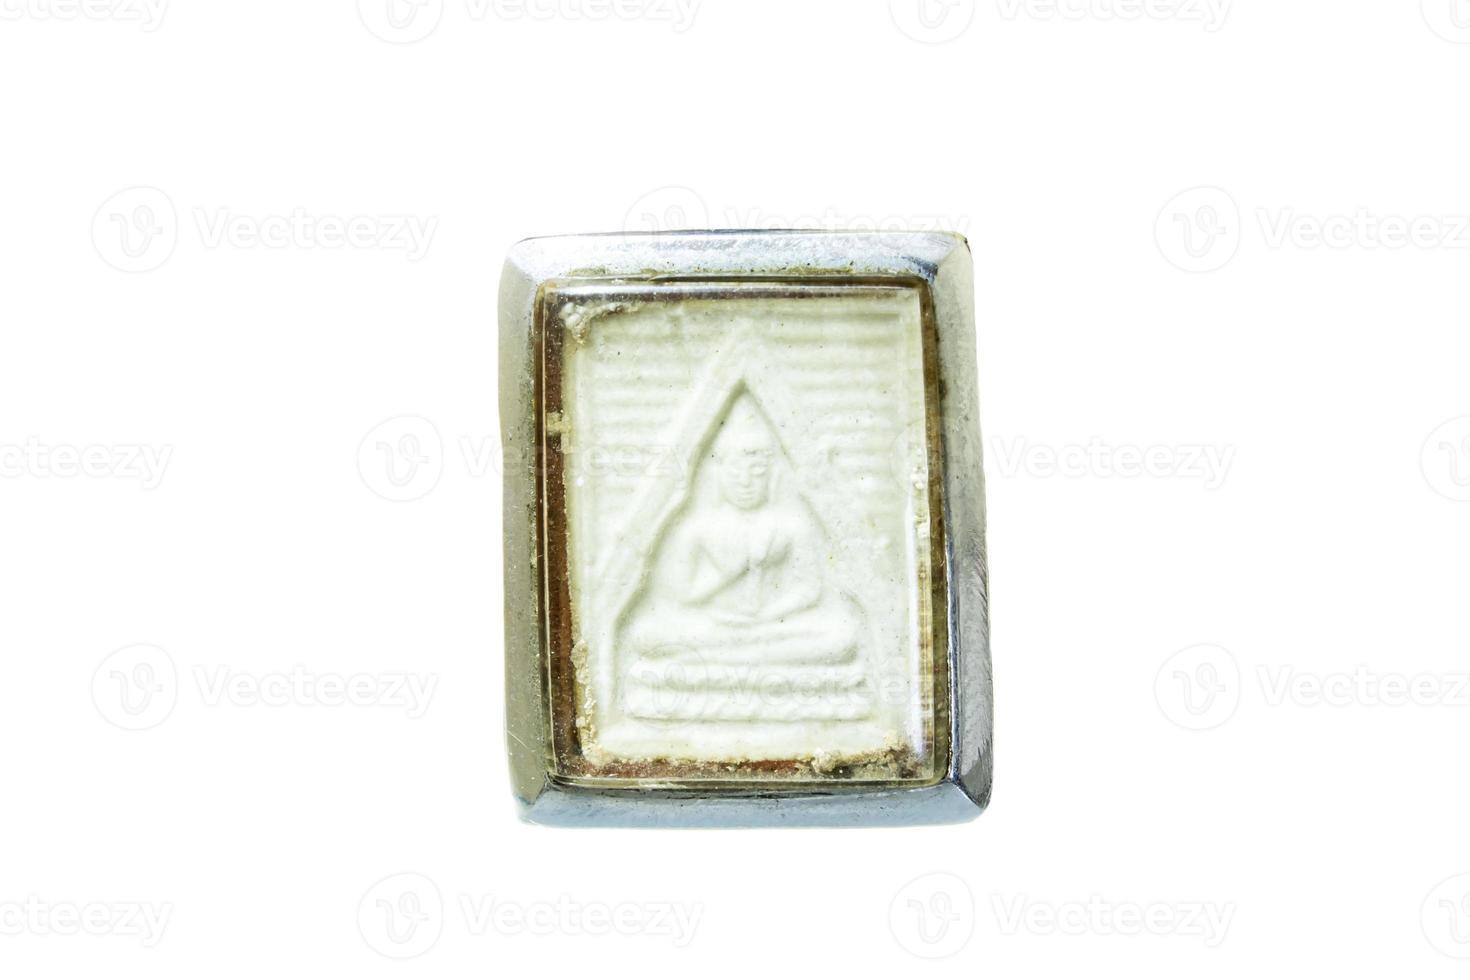 vieille amulette isolé sur blanc photo